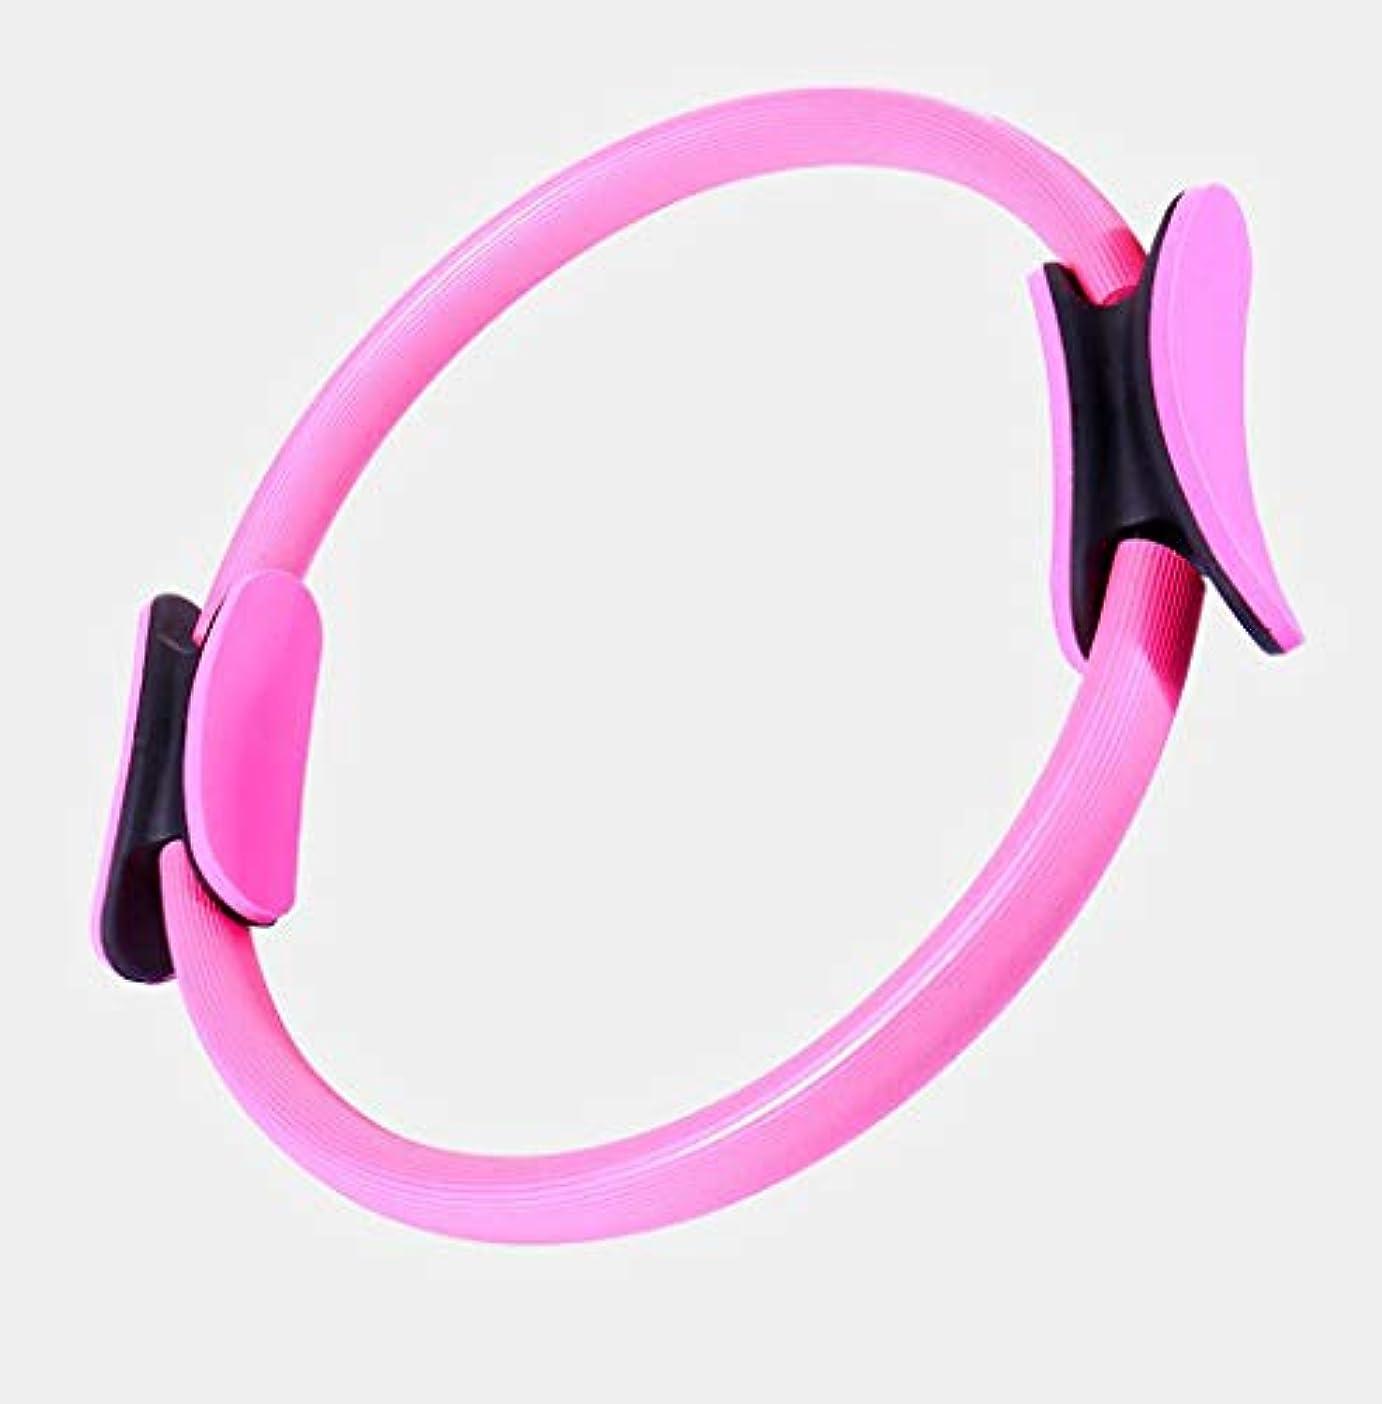 構造的戦い引き付けるピラティスリング-ピラティスリング、ふくらはぎマッサージ、弾力性、最高のヨガ機器、最高の製品,Pink